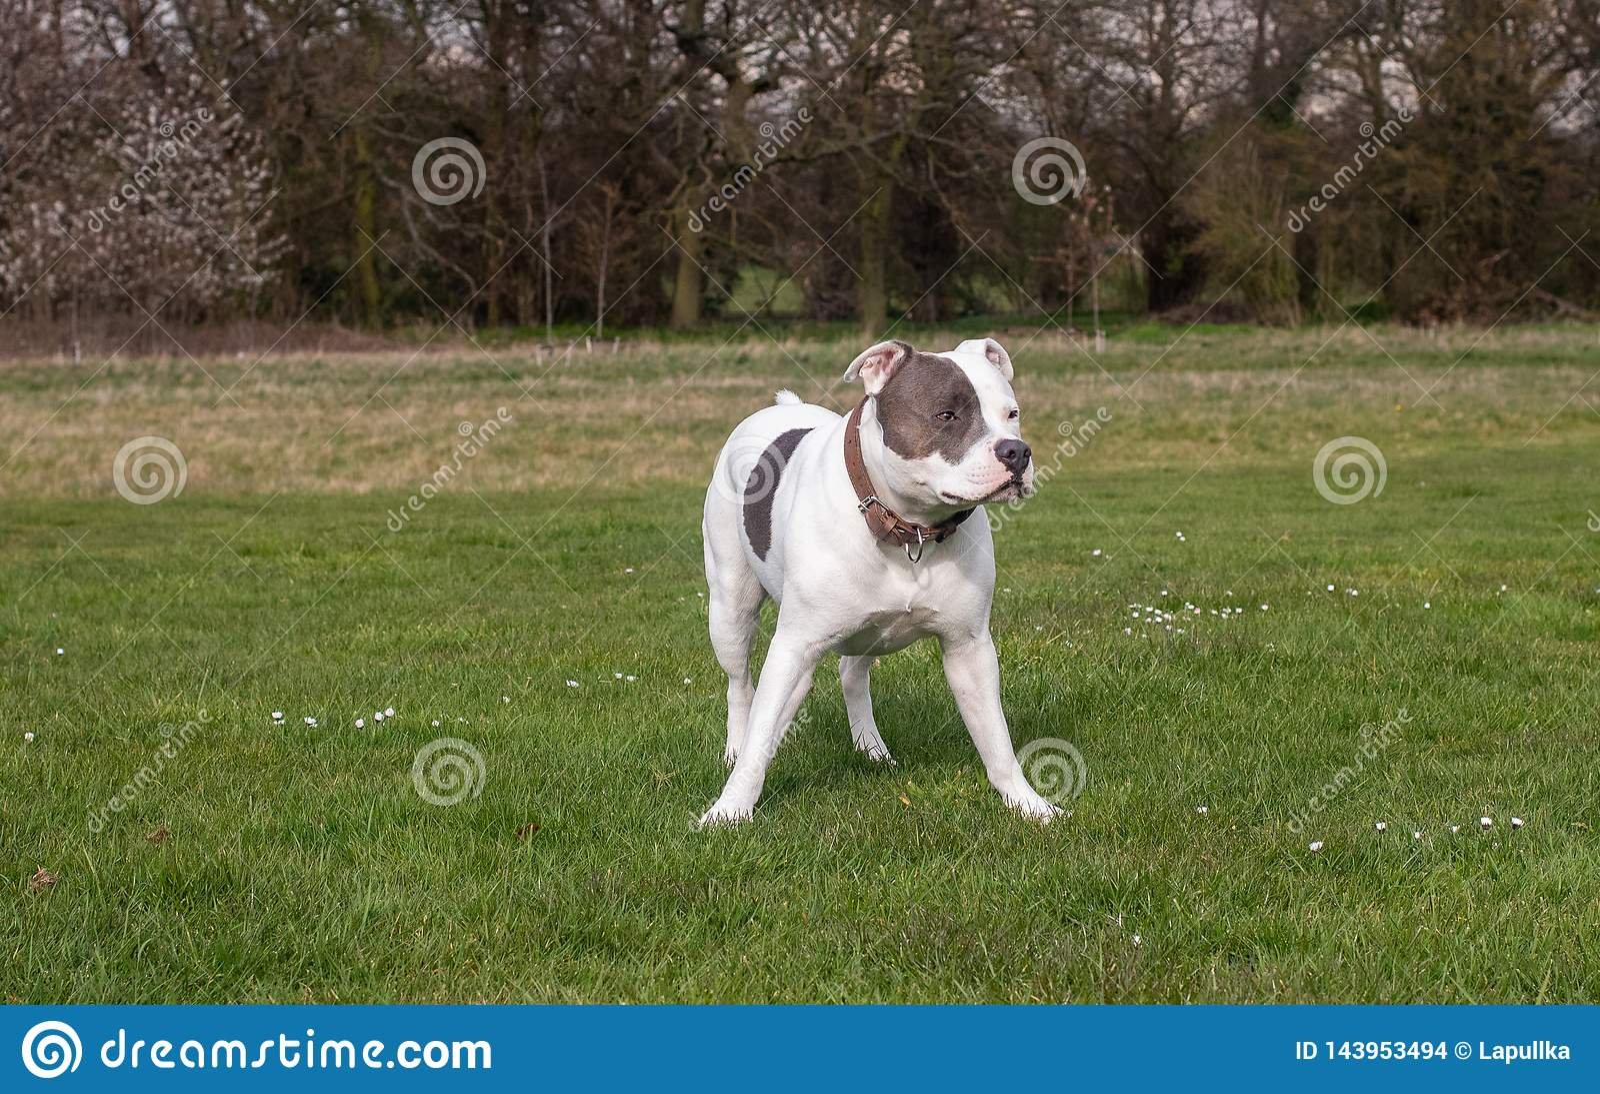 Cane di Staffordshire bull terrier che cammina nel parco